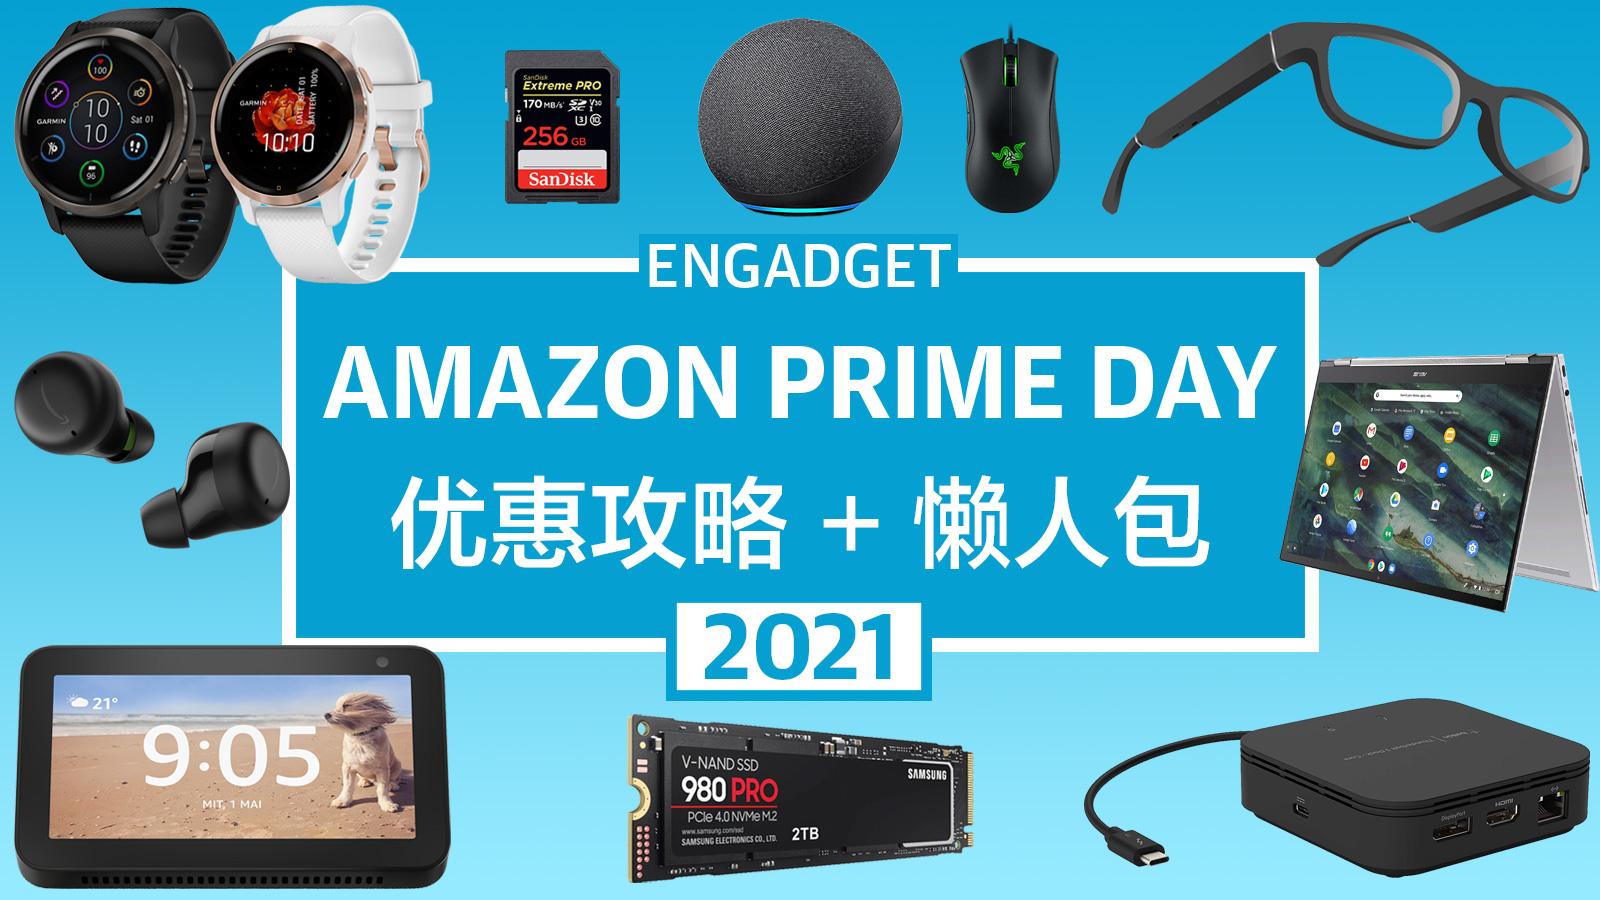 亚马逊 Prime Day 2021 优惠攻略 + 懒人包